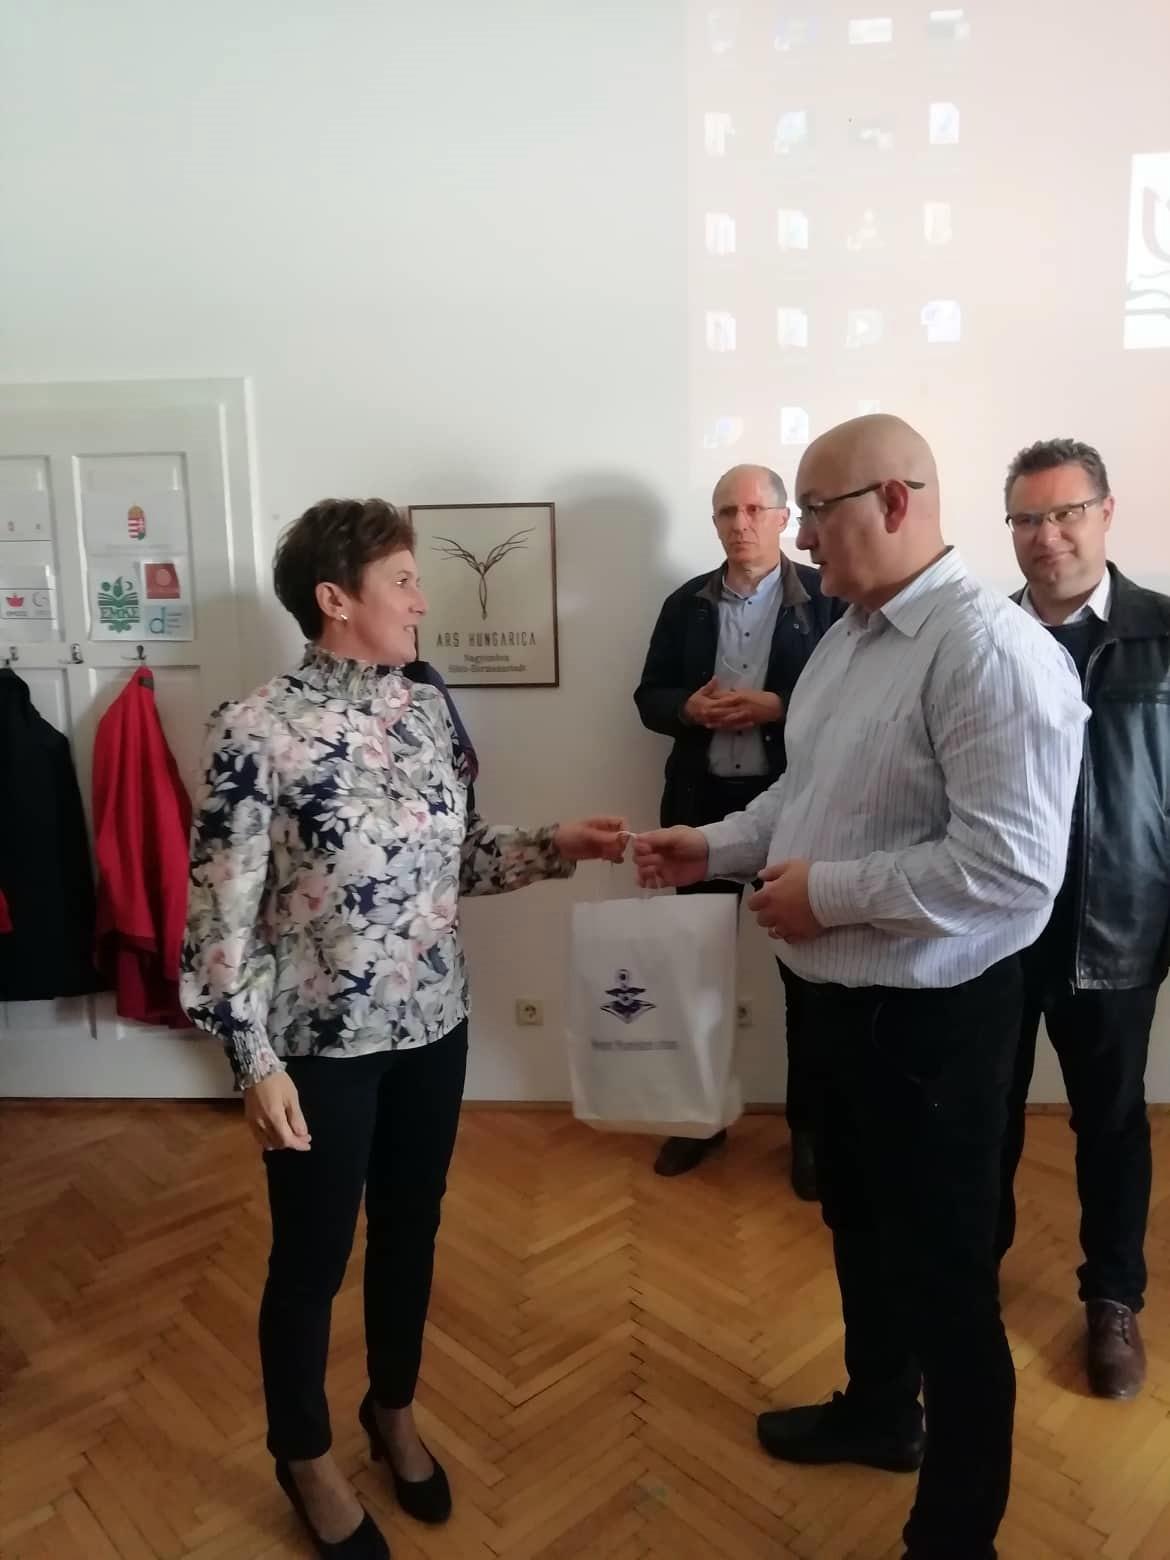 Závogyán Magdolna, a Nemzeti Művelődési Intézet ügyvezetője és Serfőző Levente, a HÍD - Szebeni Magyar Egyesület elnöke